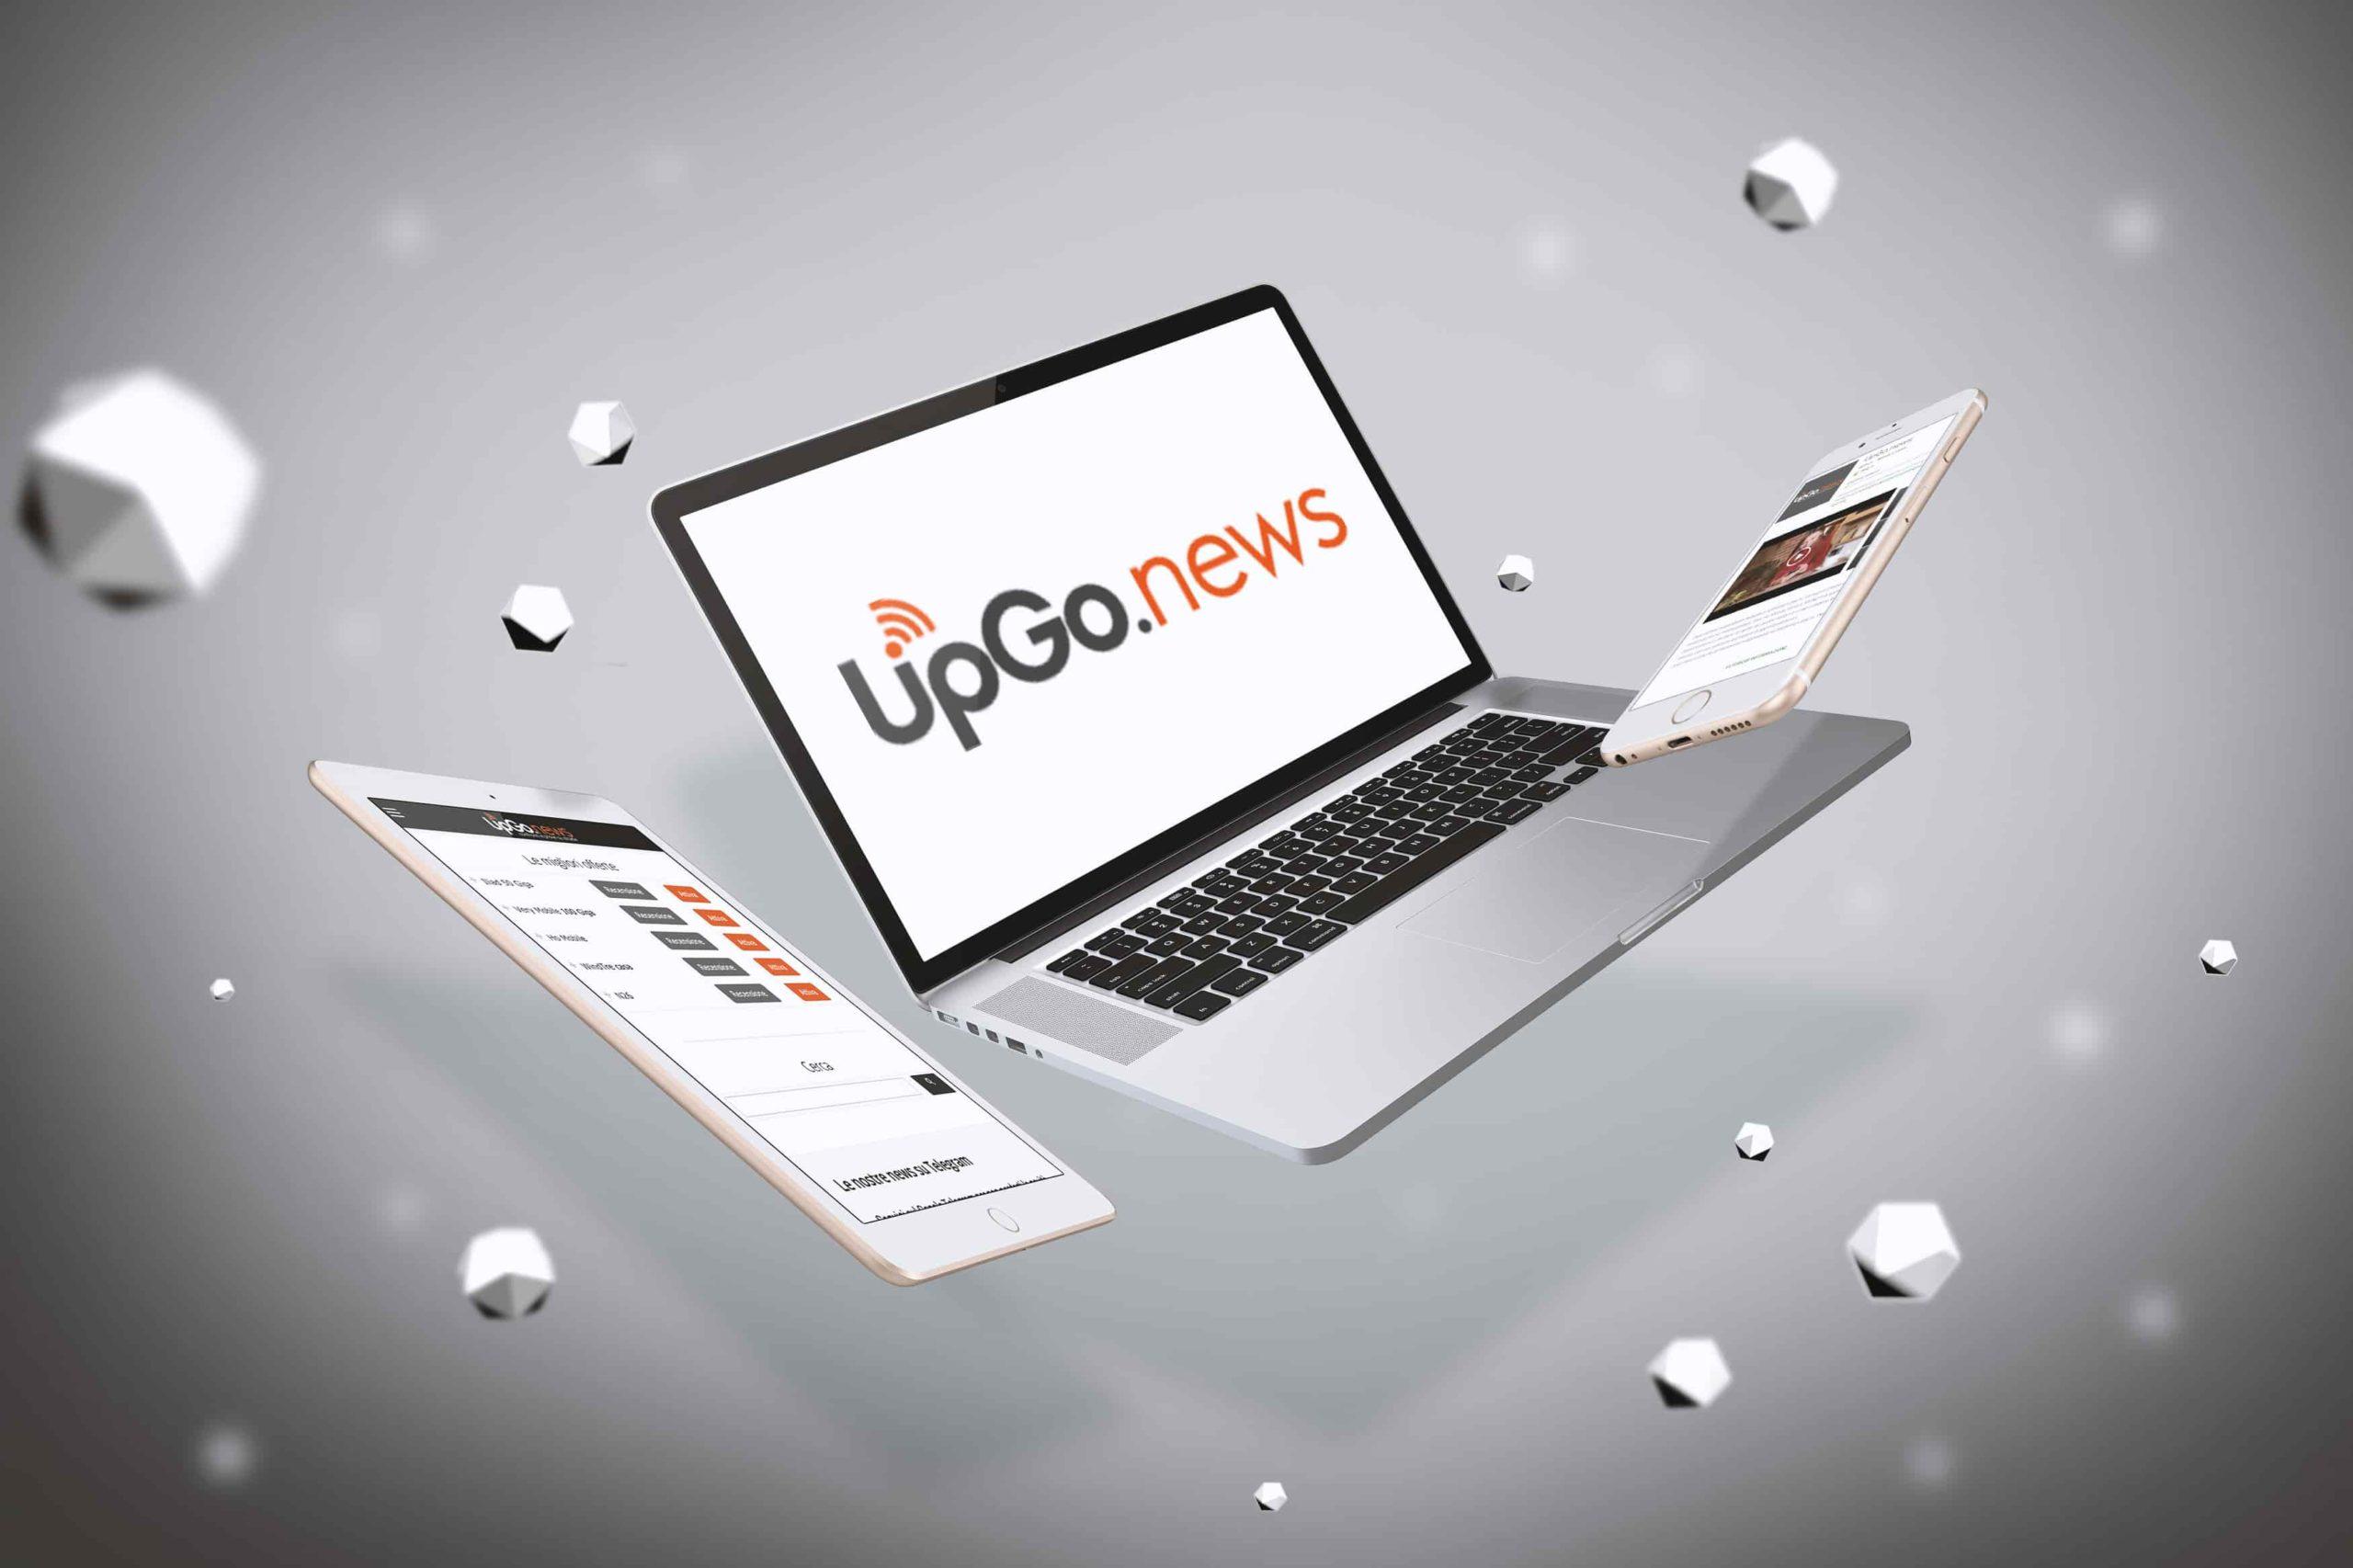 UpGo.news mokup